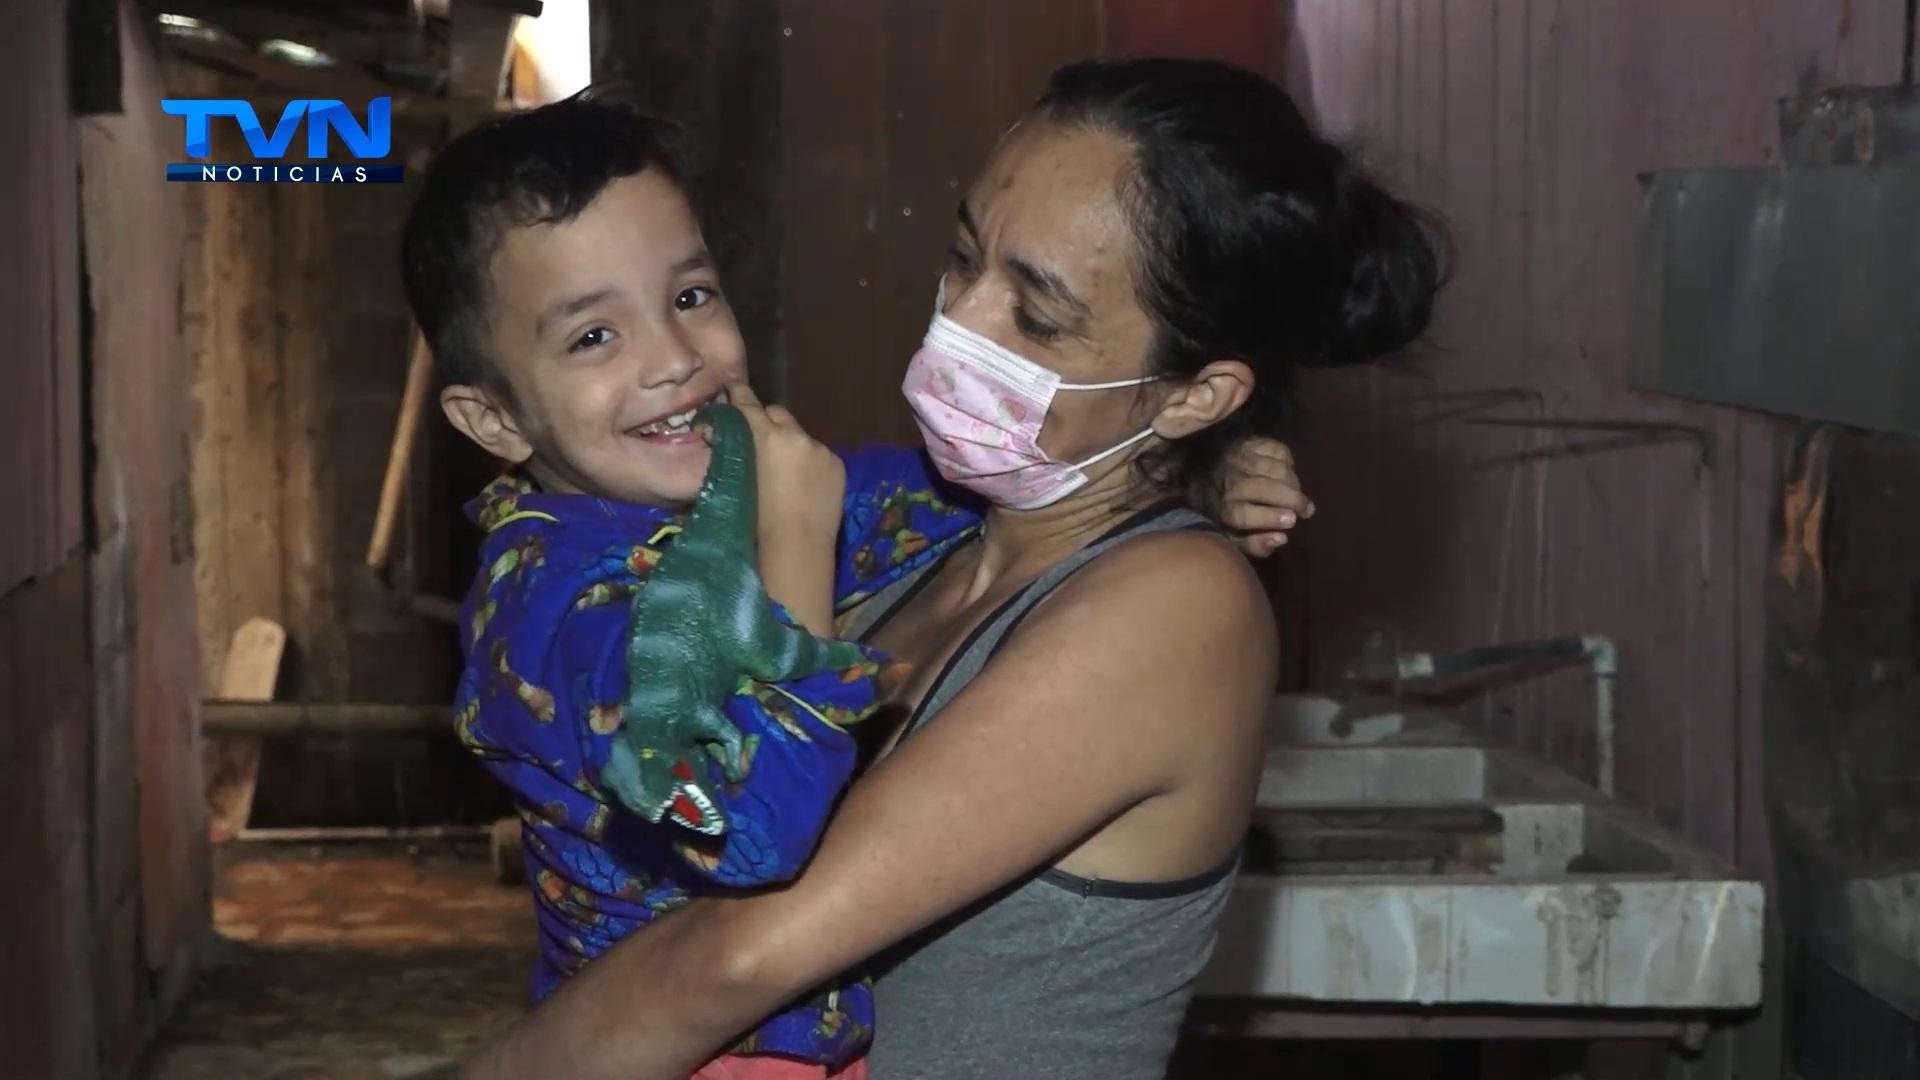 Madre clama por ayuda para que sus hijos vivan en mejores condiciones